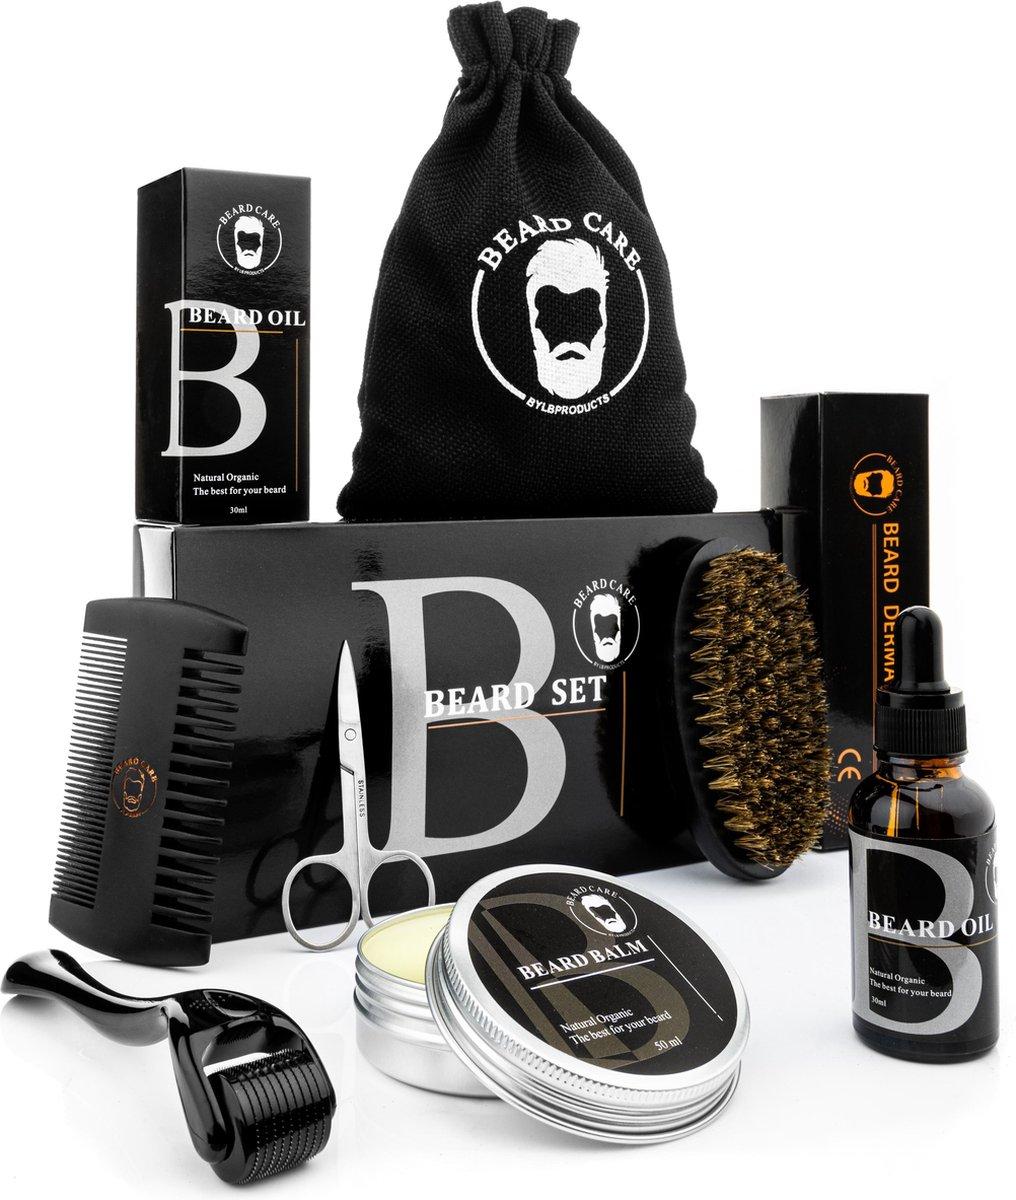 LB Products - Baardverzorging set - Baard roller - Zwart - Baardolie - Baard balsem - 50 gr